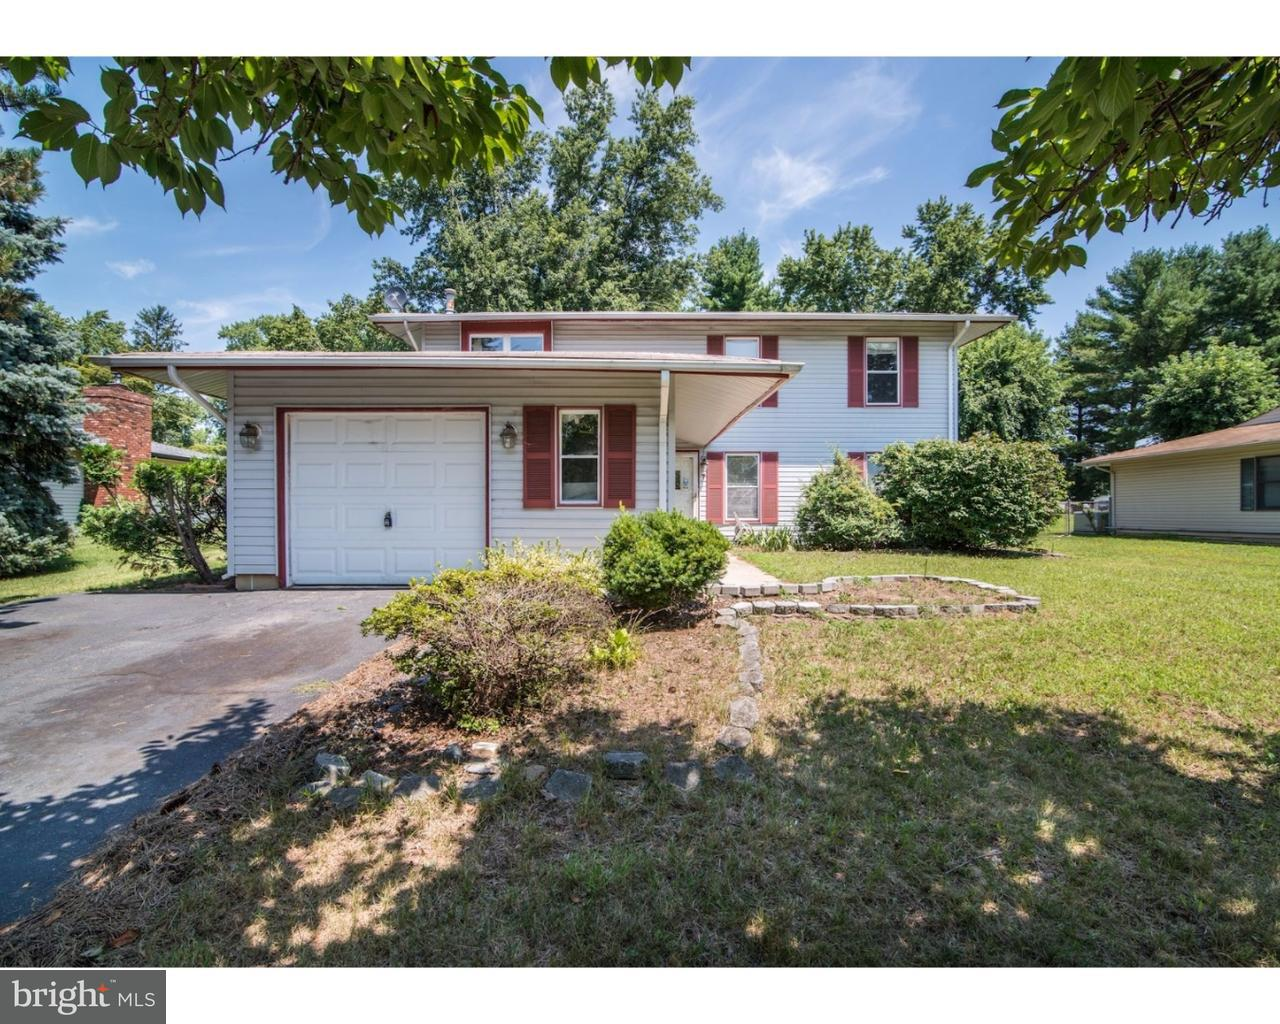 Casa Unifamiliar por un Venta en 7 NOTTINGHAM WAY Eastampton, Nueva Jersey 08060 Estados Unidos